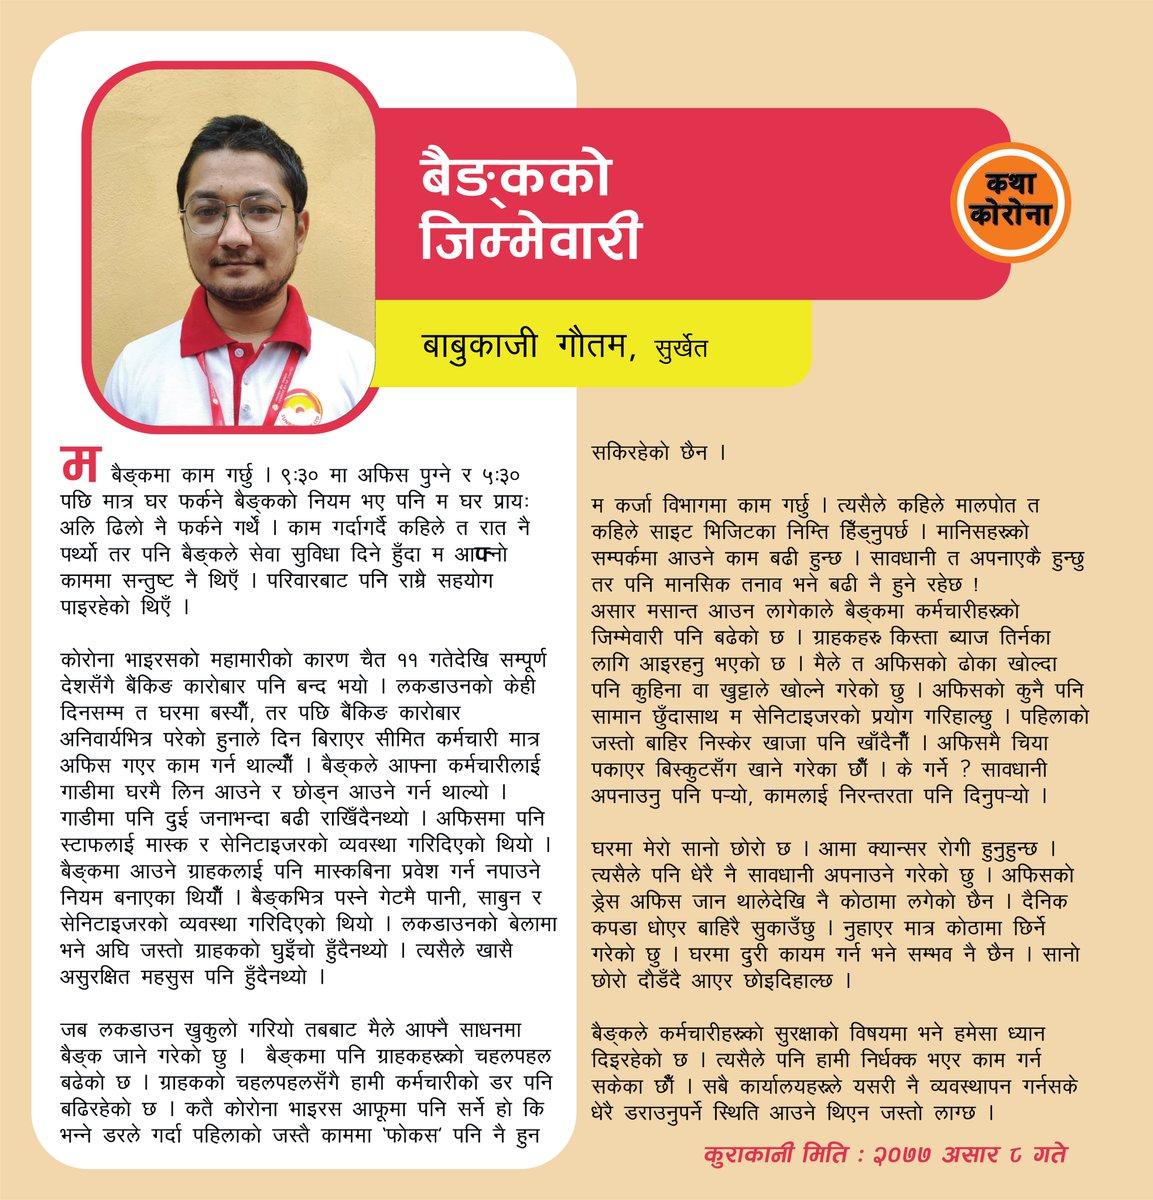 """""""जब लकडाउन खुकुलो गरियो तबबाट मैले आफ्नै साधनमा बैङ्क जाने गरेको छु । बैङ्कमा पनि ग्राहकहरूको चहलपहल बढेको छ । ग्राहकको चहलपहलसँगै हामी कर्मचारीको डर पनि बढिरहेको छ ।""""#COVID19 #CoronaStories #कथाकाेराेना #HisStory #Nepal #Banker https://t.co/qiY9KInDZn"""